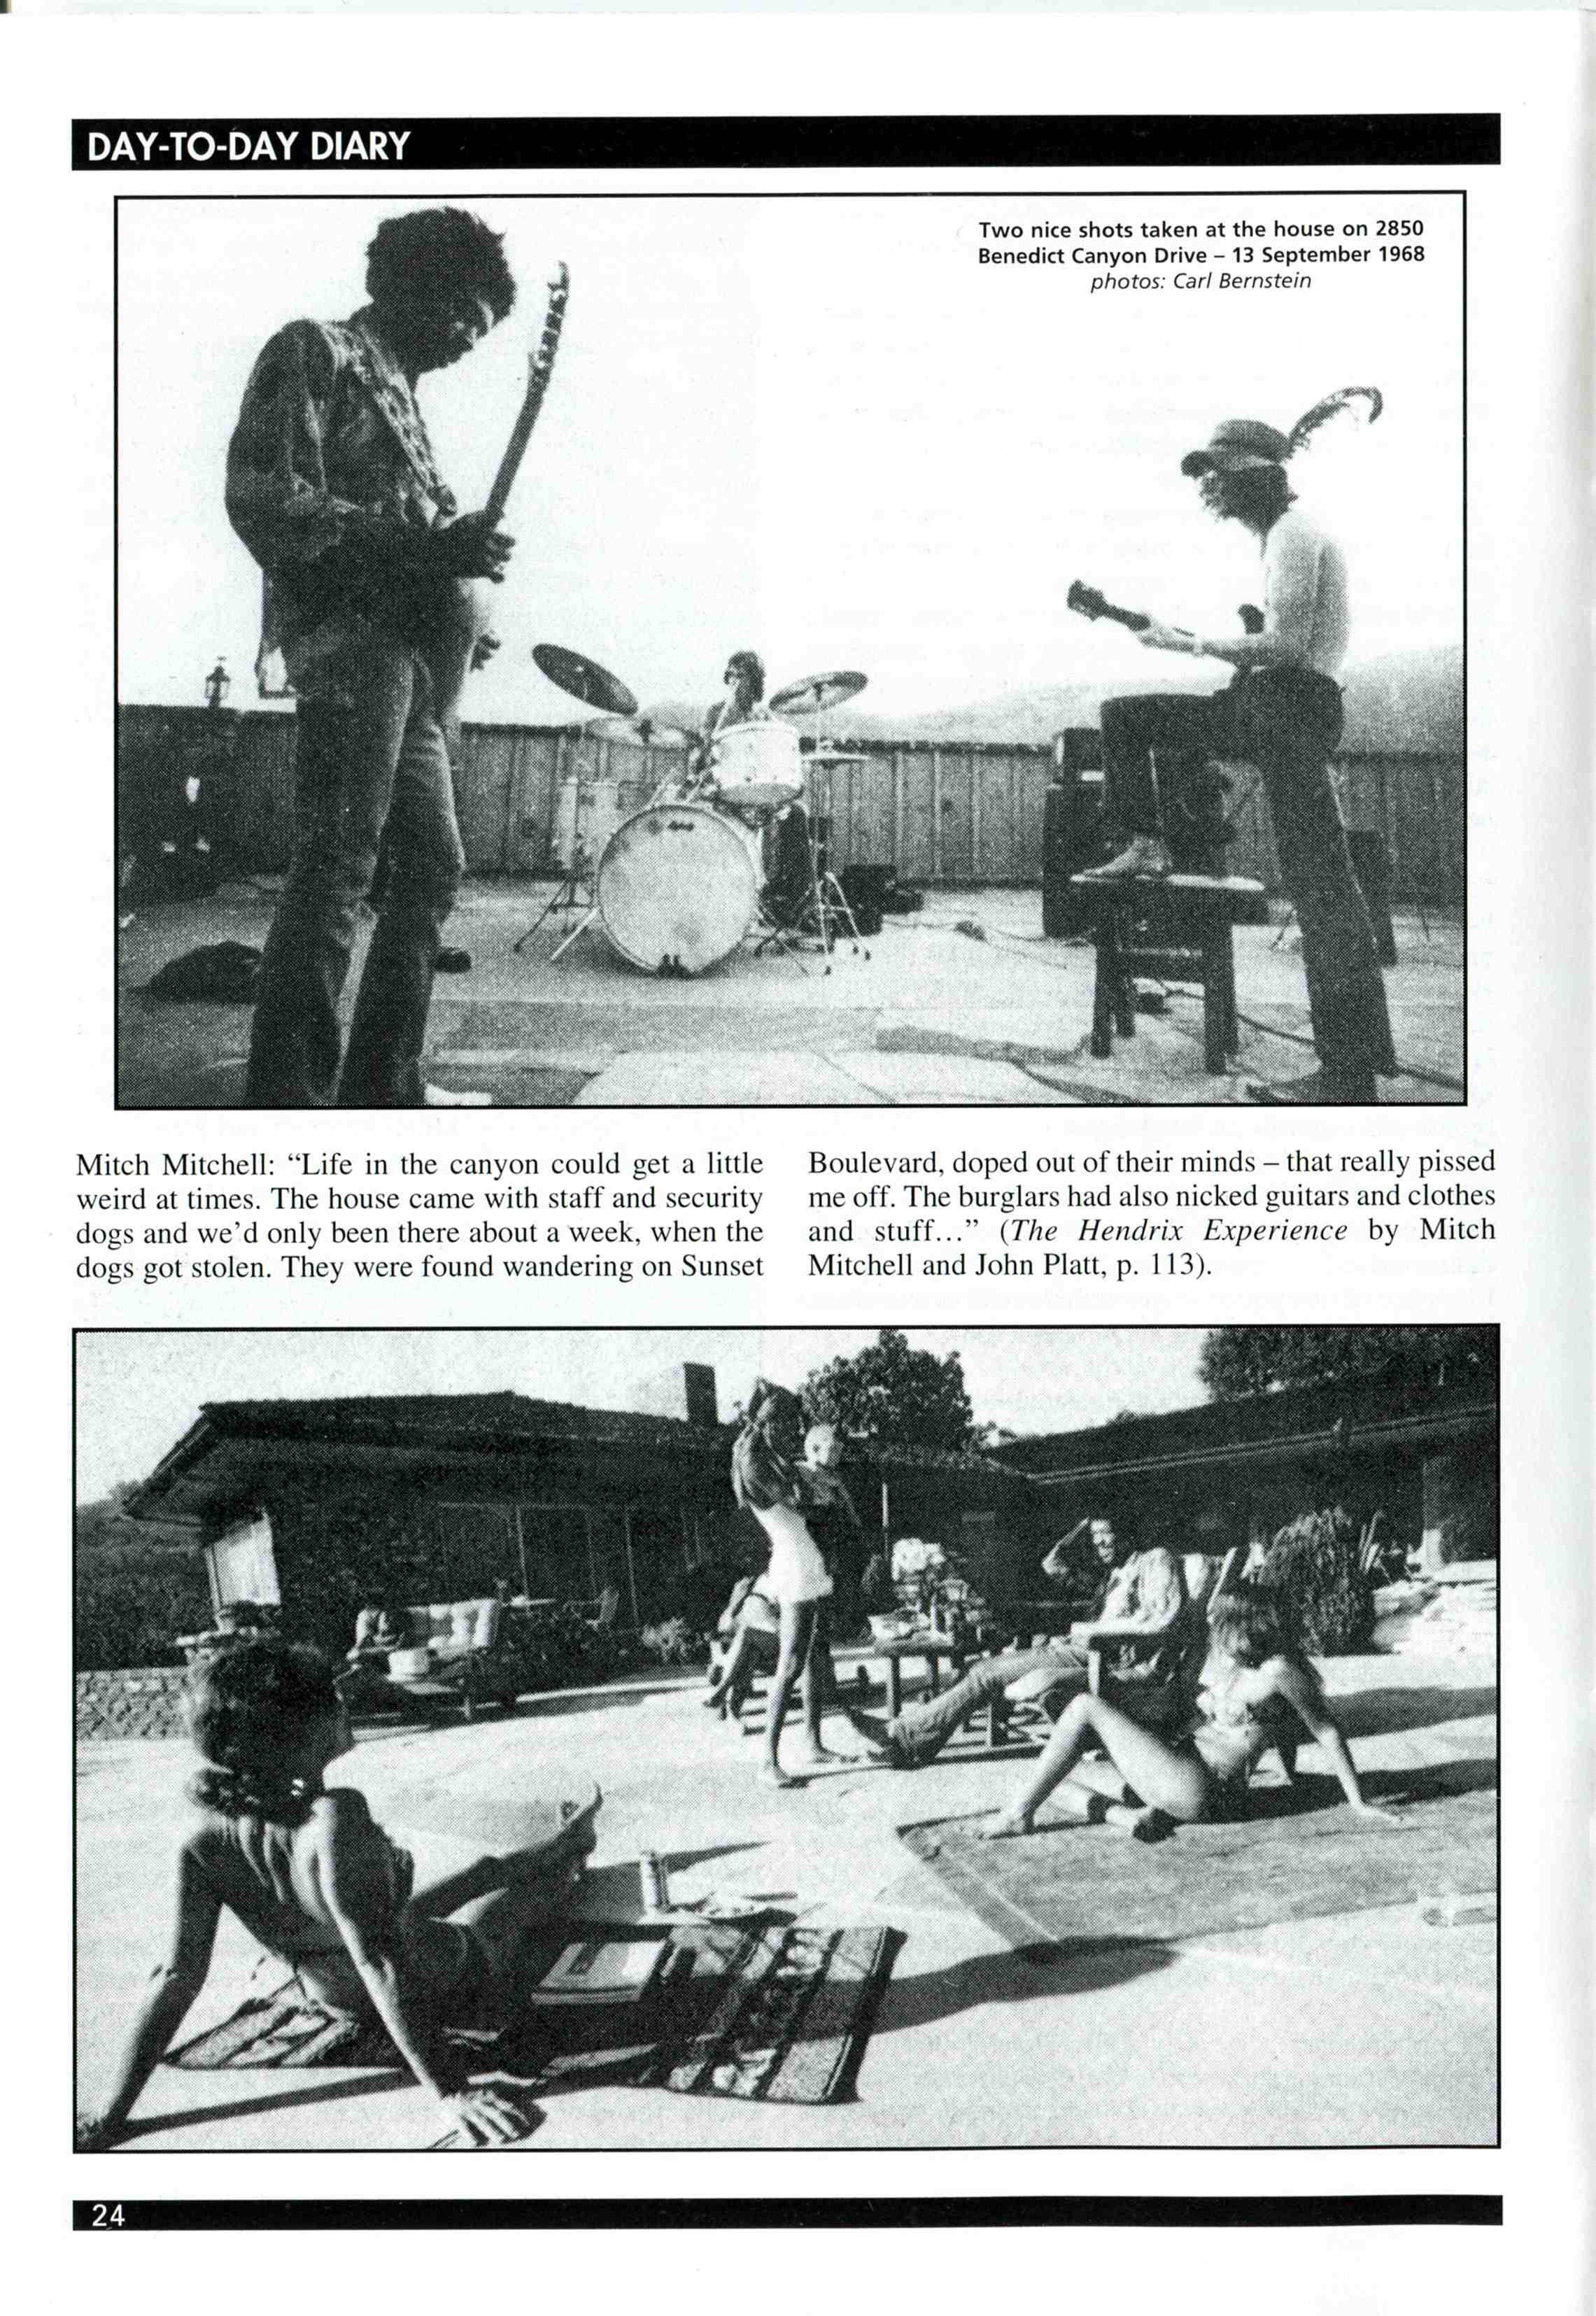 Oakland (Oakland Coliseum) : 13 septembre 1968  381518UV35p24